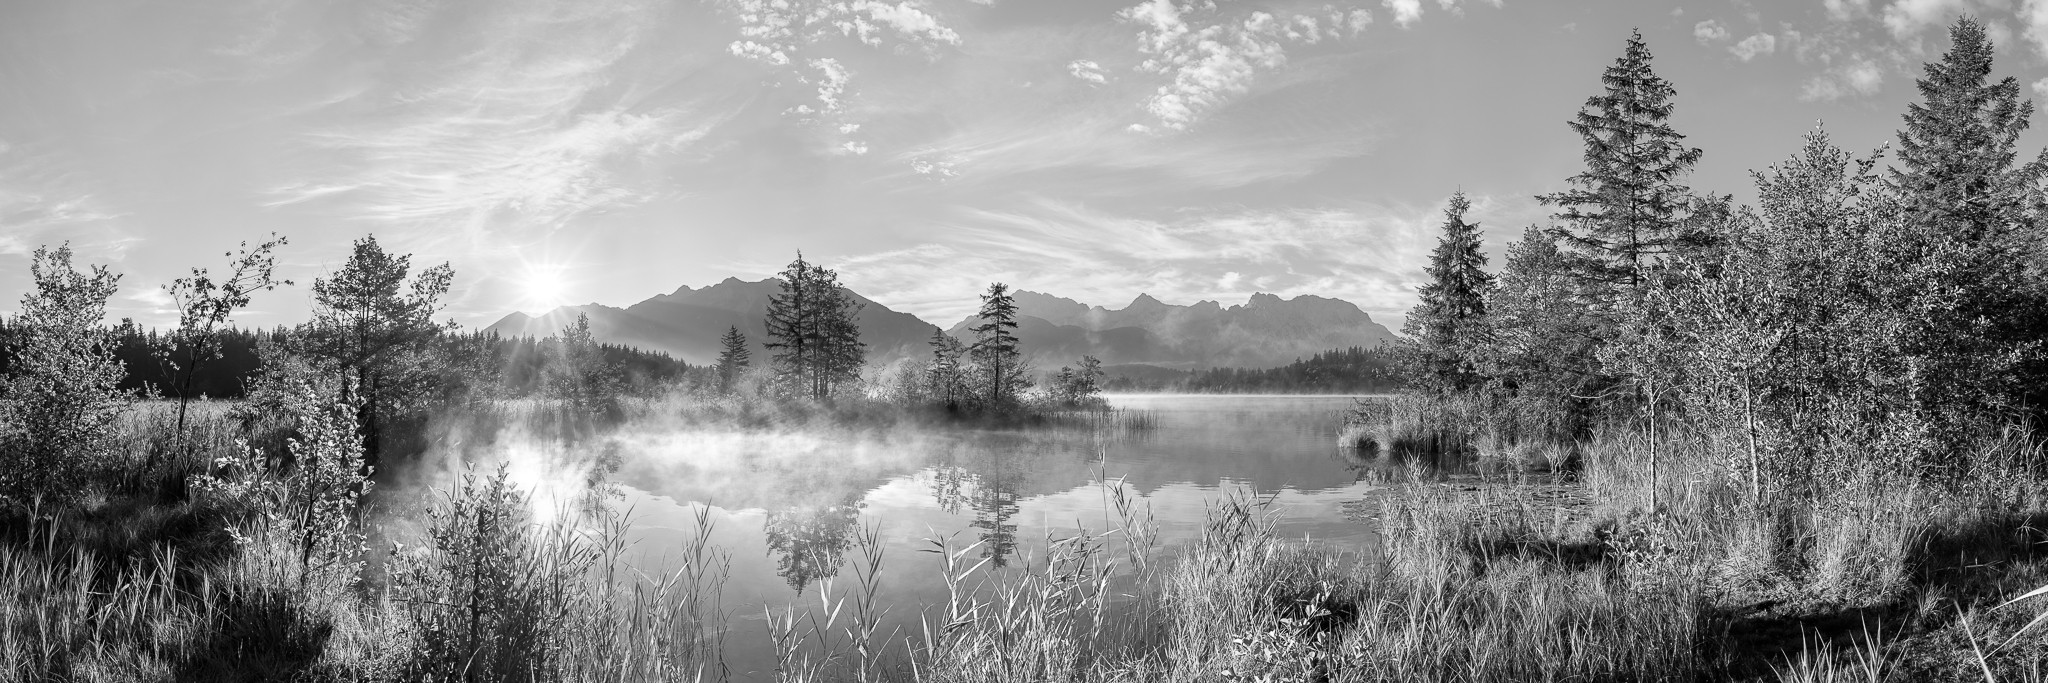 Barmsee - Morgenpanorama - schwarz weiß